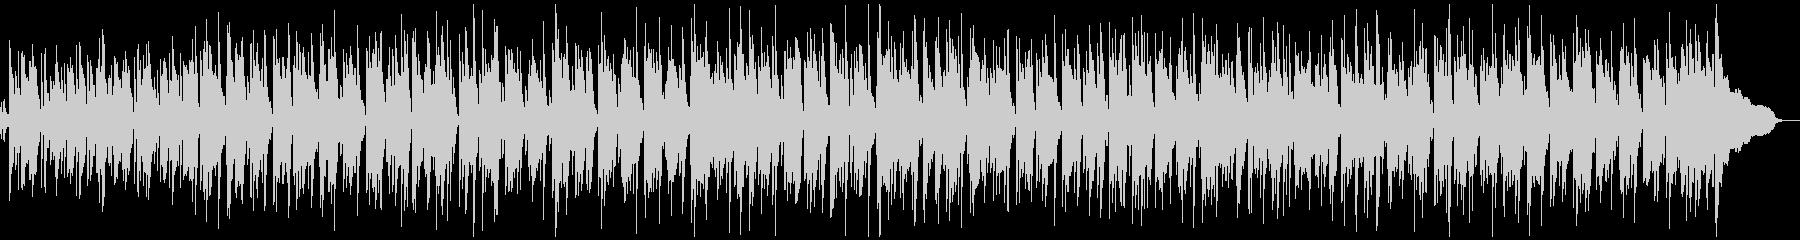 軽快でおしゃれなピアノトリオのボサノバの未再生の波形